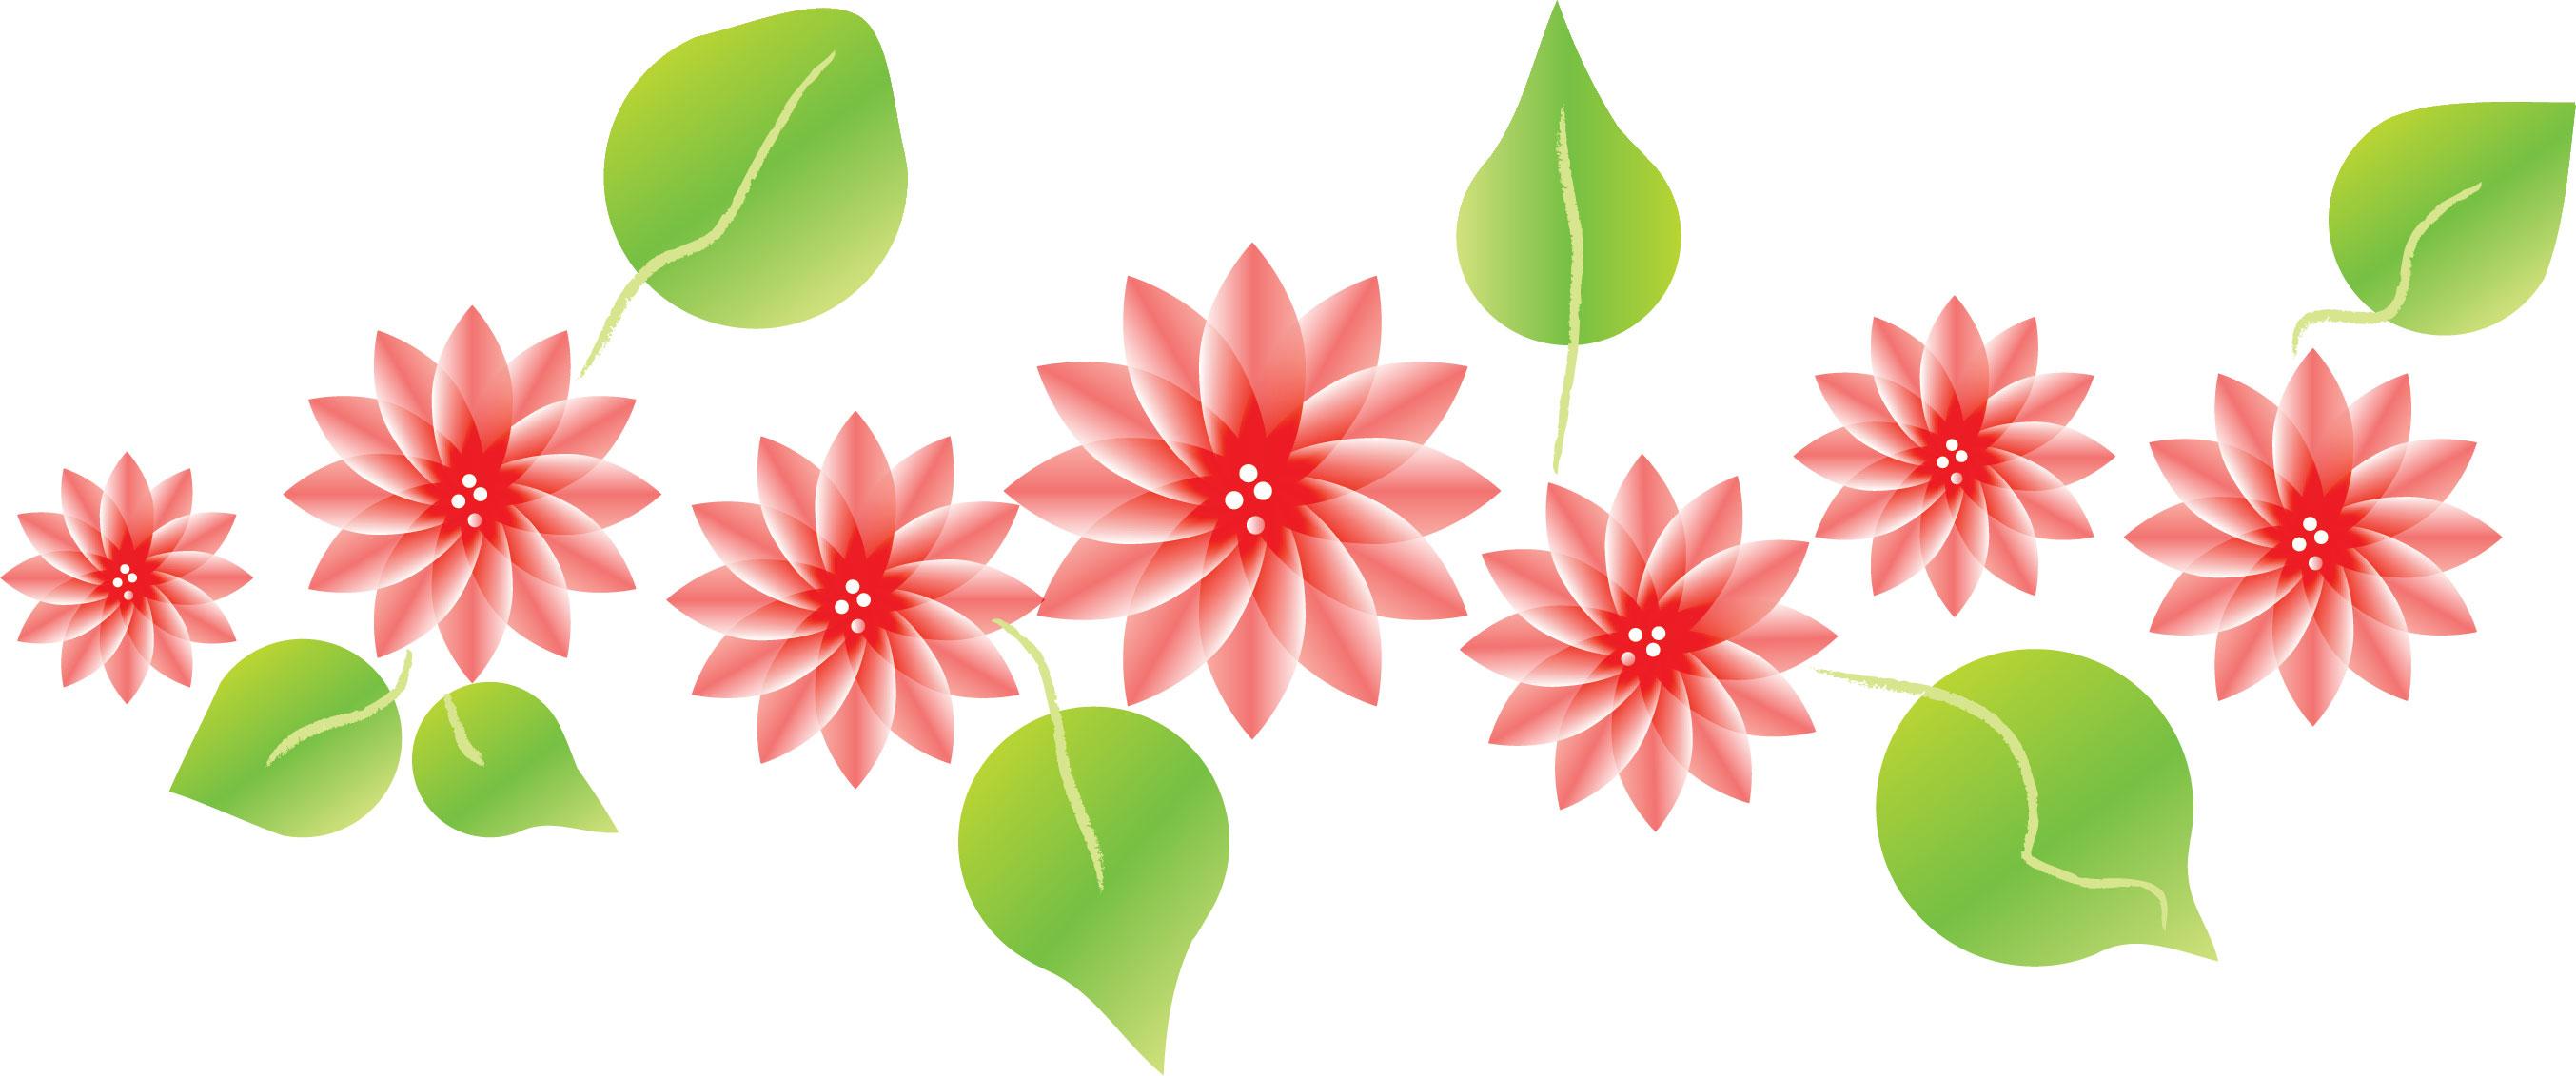 花のイラスト・フリー素材/フレーム枠no.033『ピンクフラワー』